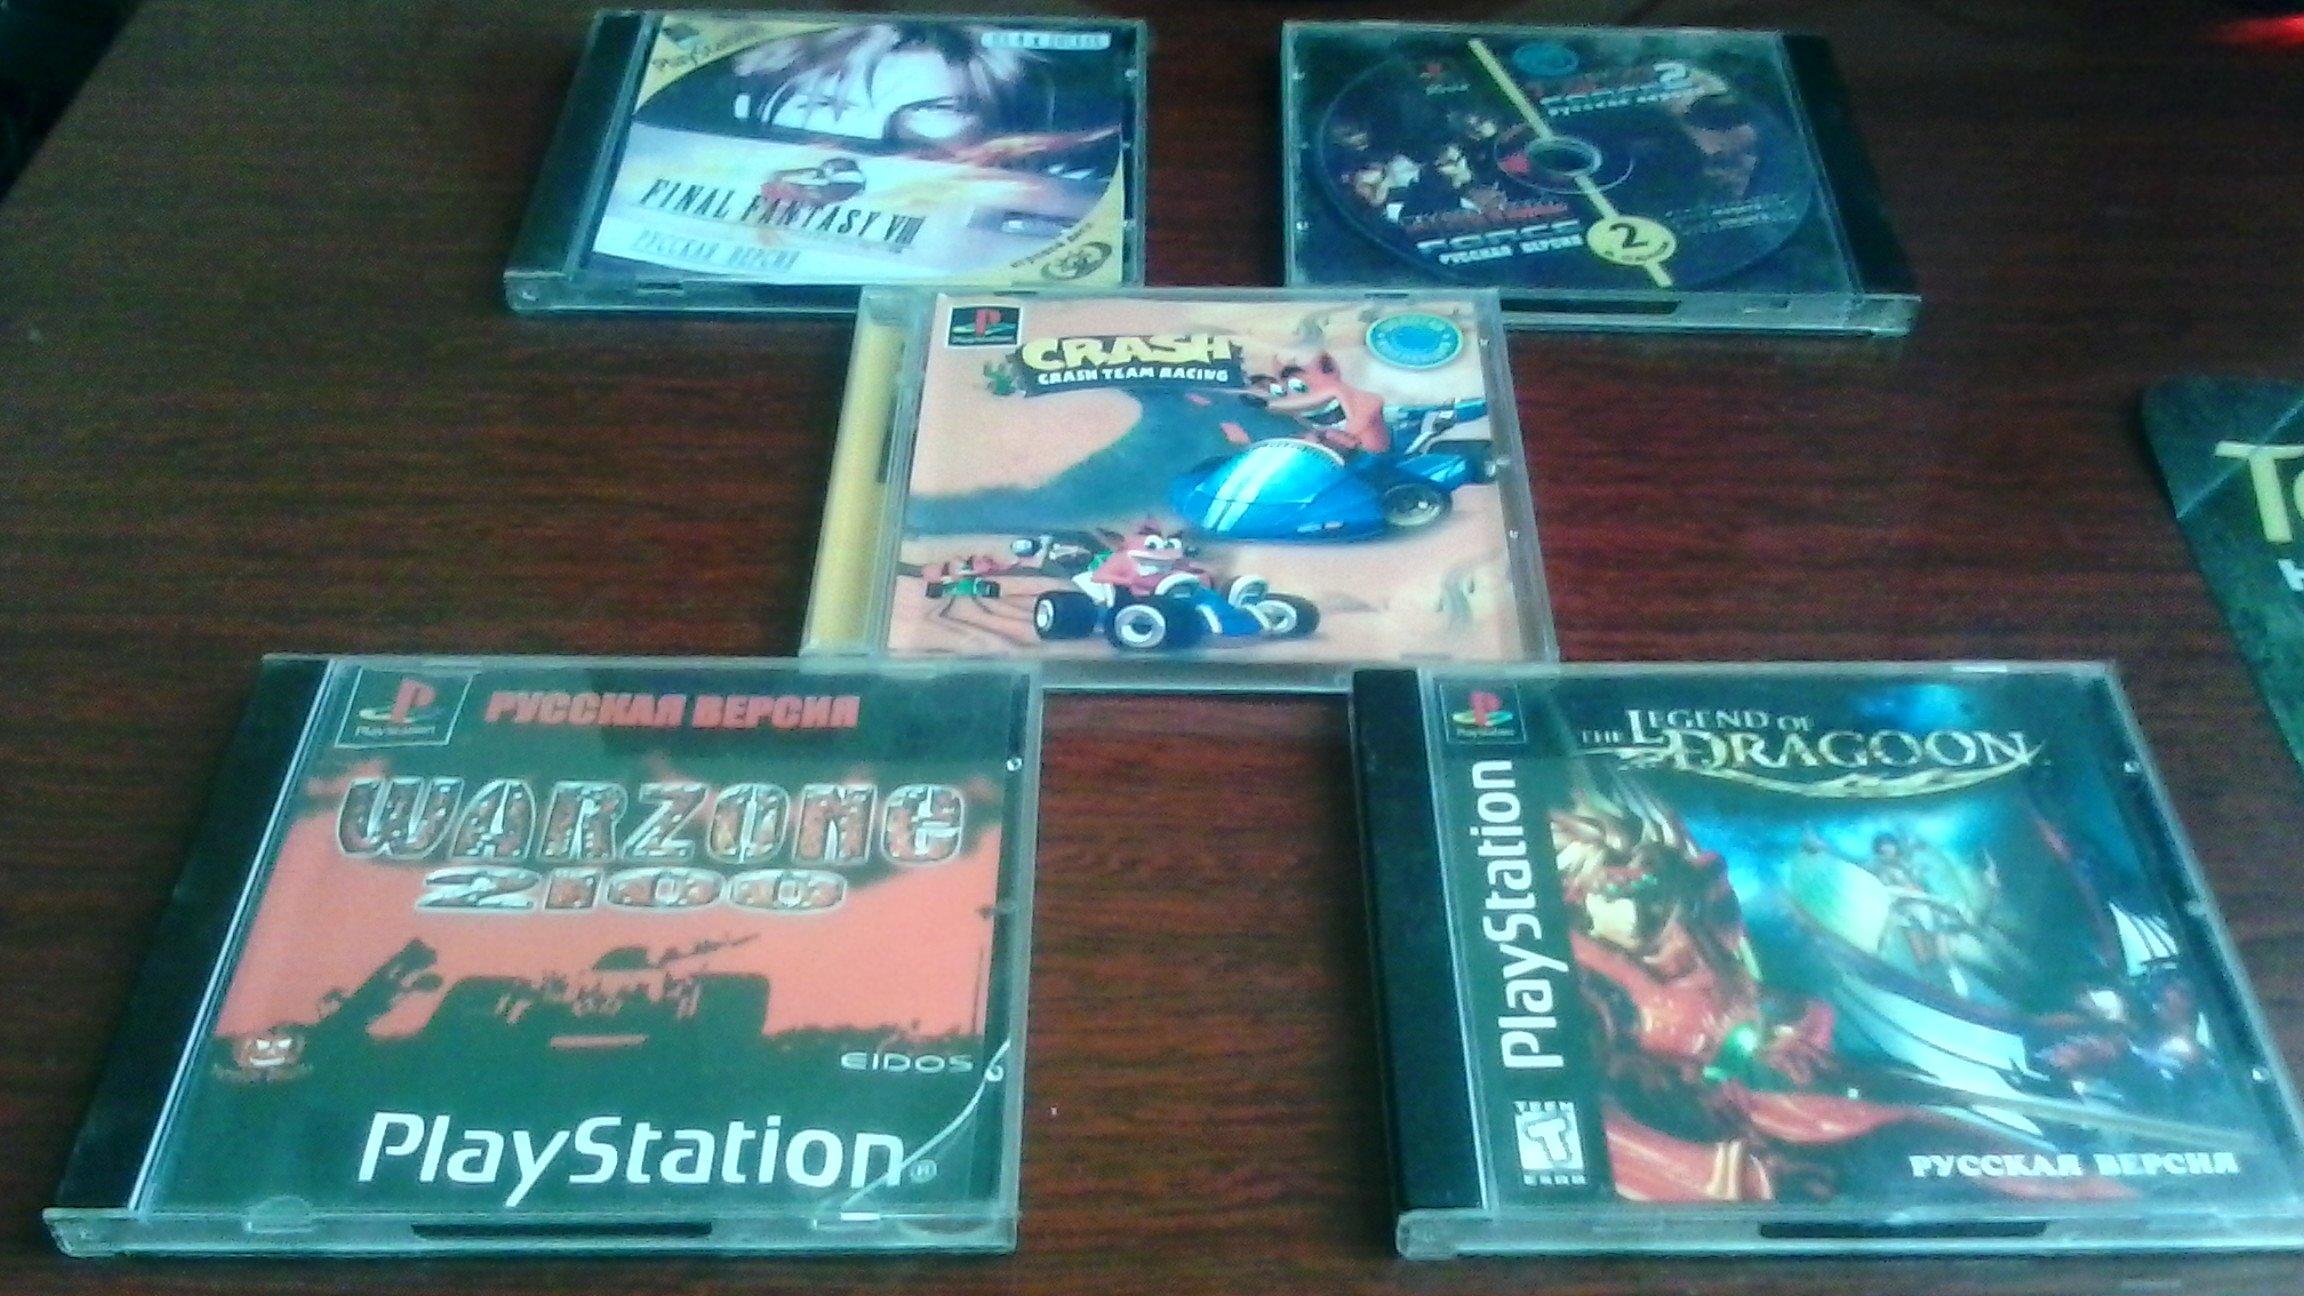 Playstation: гид по виртуальным мирам - Изображение 2